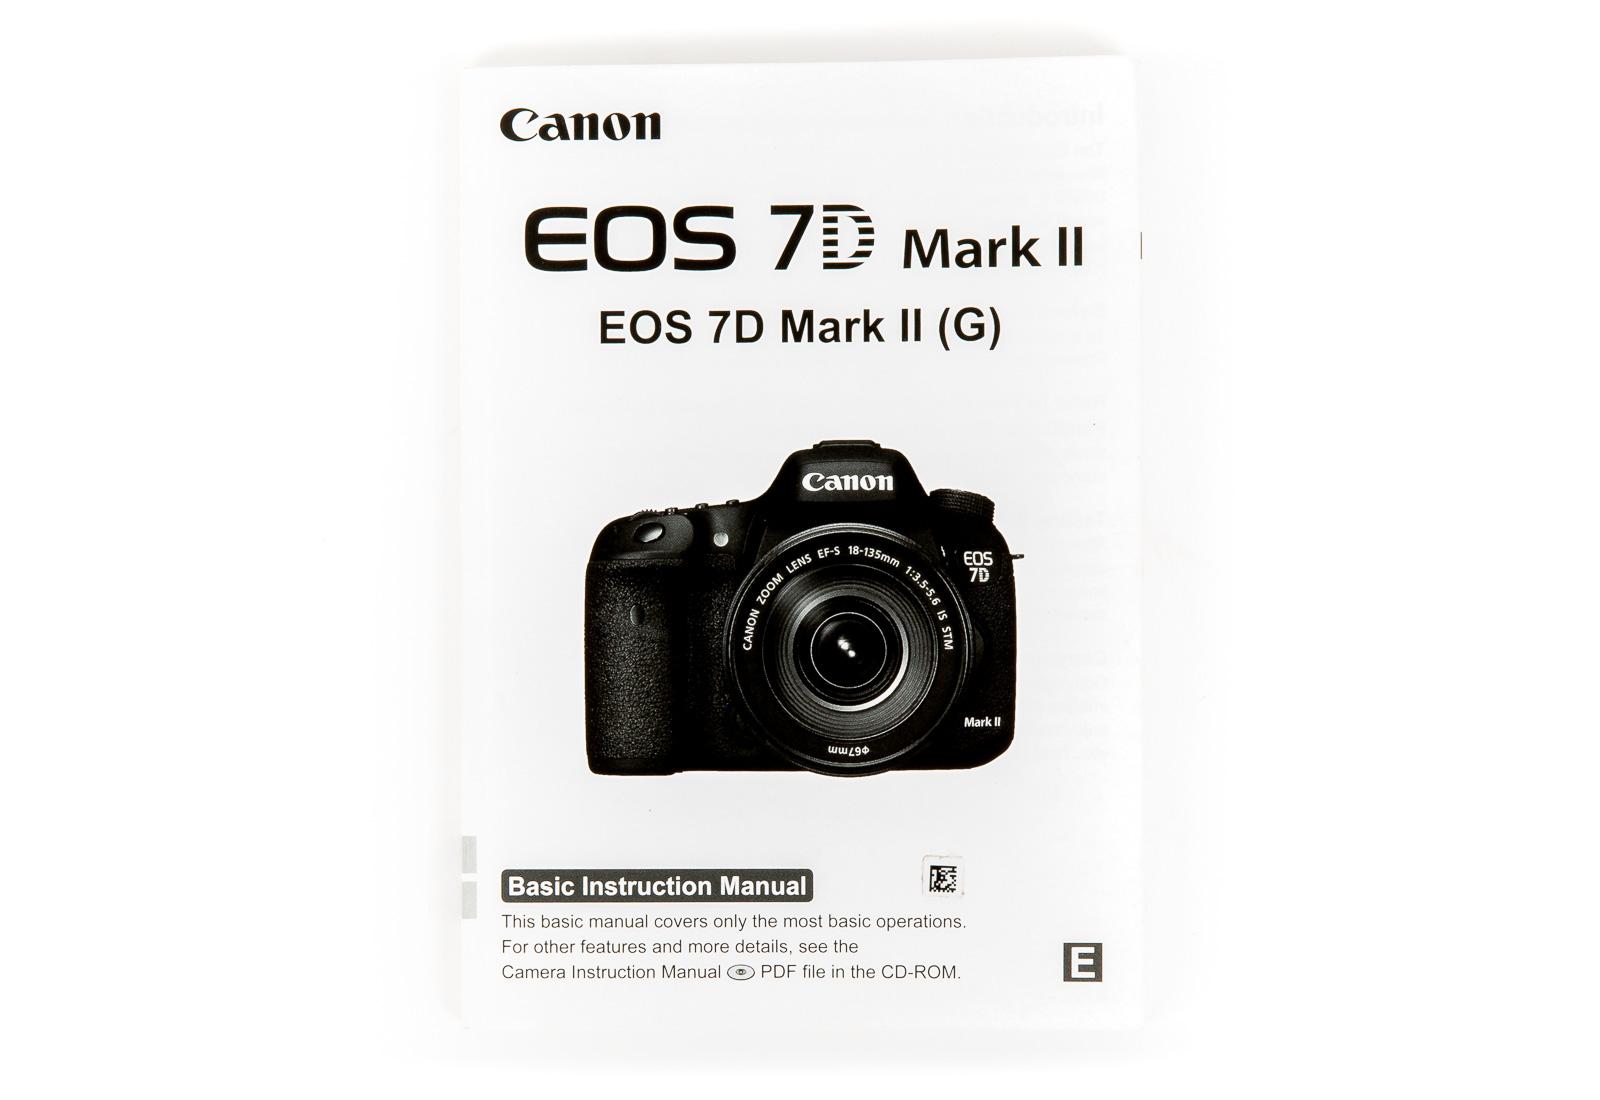 Manual - Canon 7D Mark II Cheat Sheet / Paper Manual